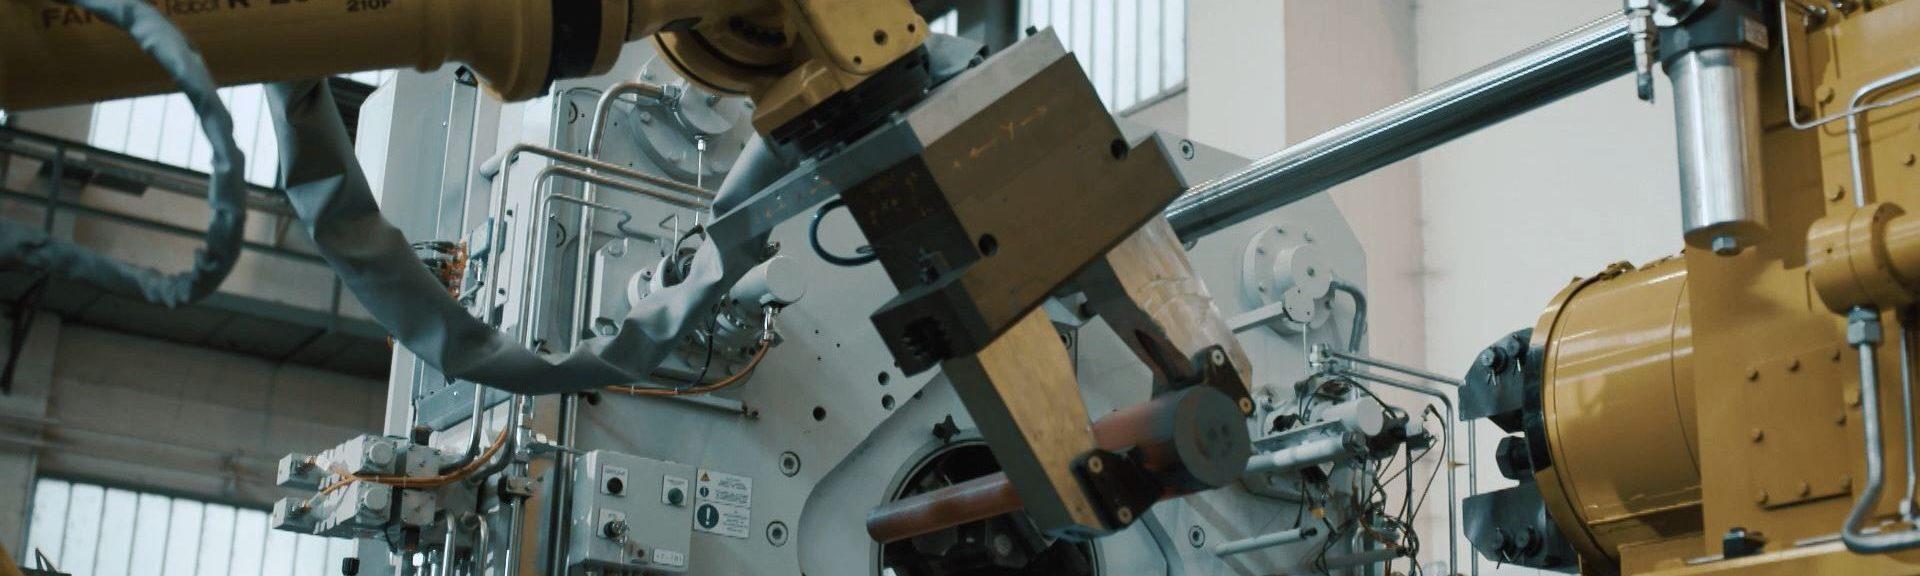 Ein gelber Roboterarm bei der automatischen Bestückung einer Rotationsschmiedeanalge mit einem Werkstück.